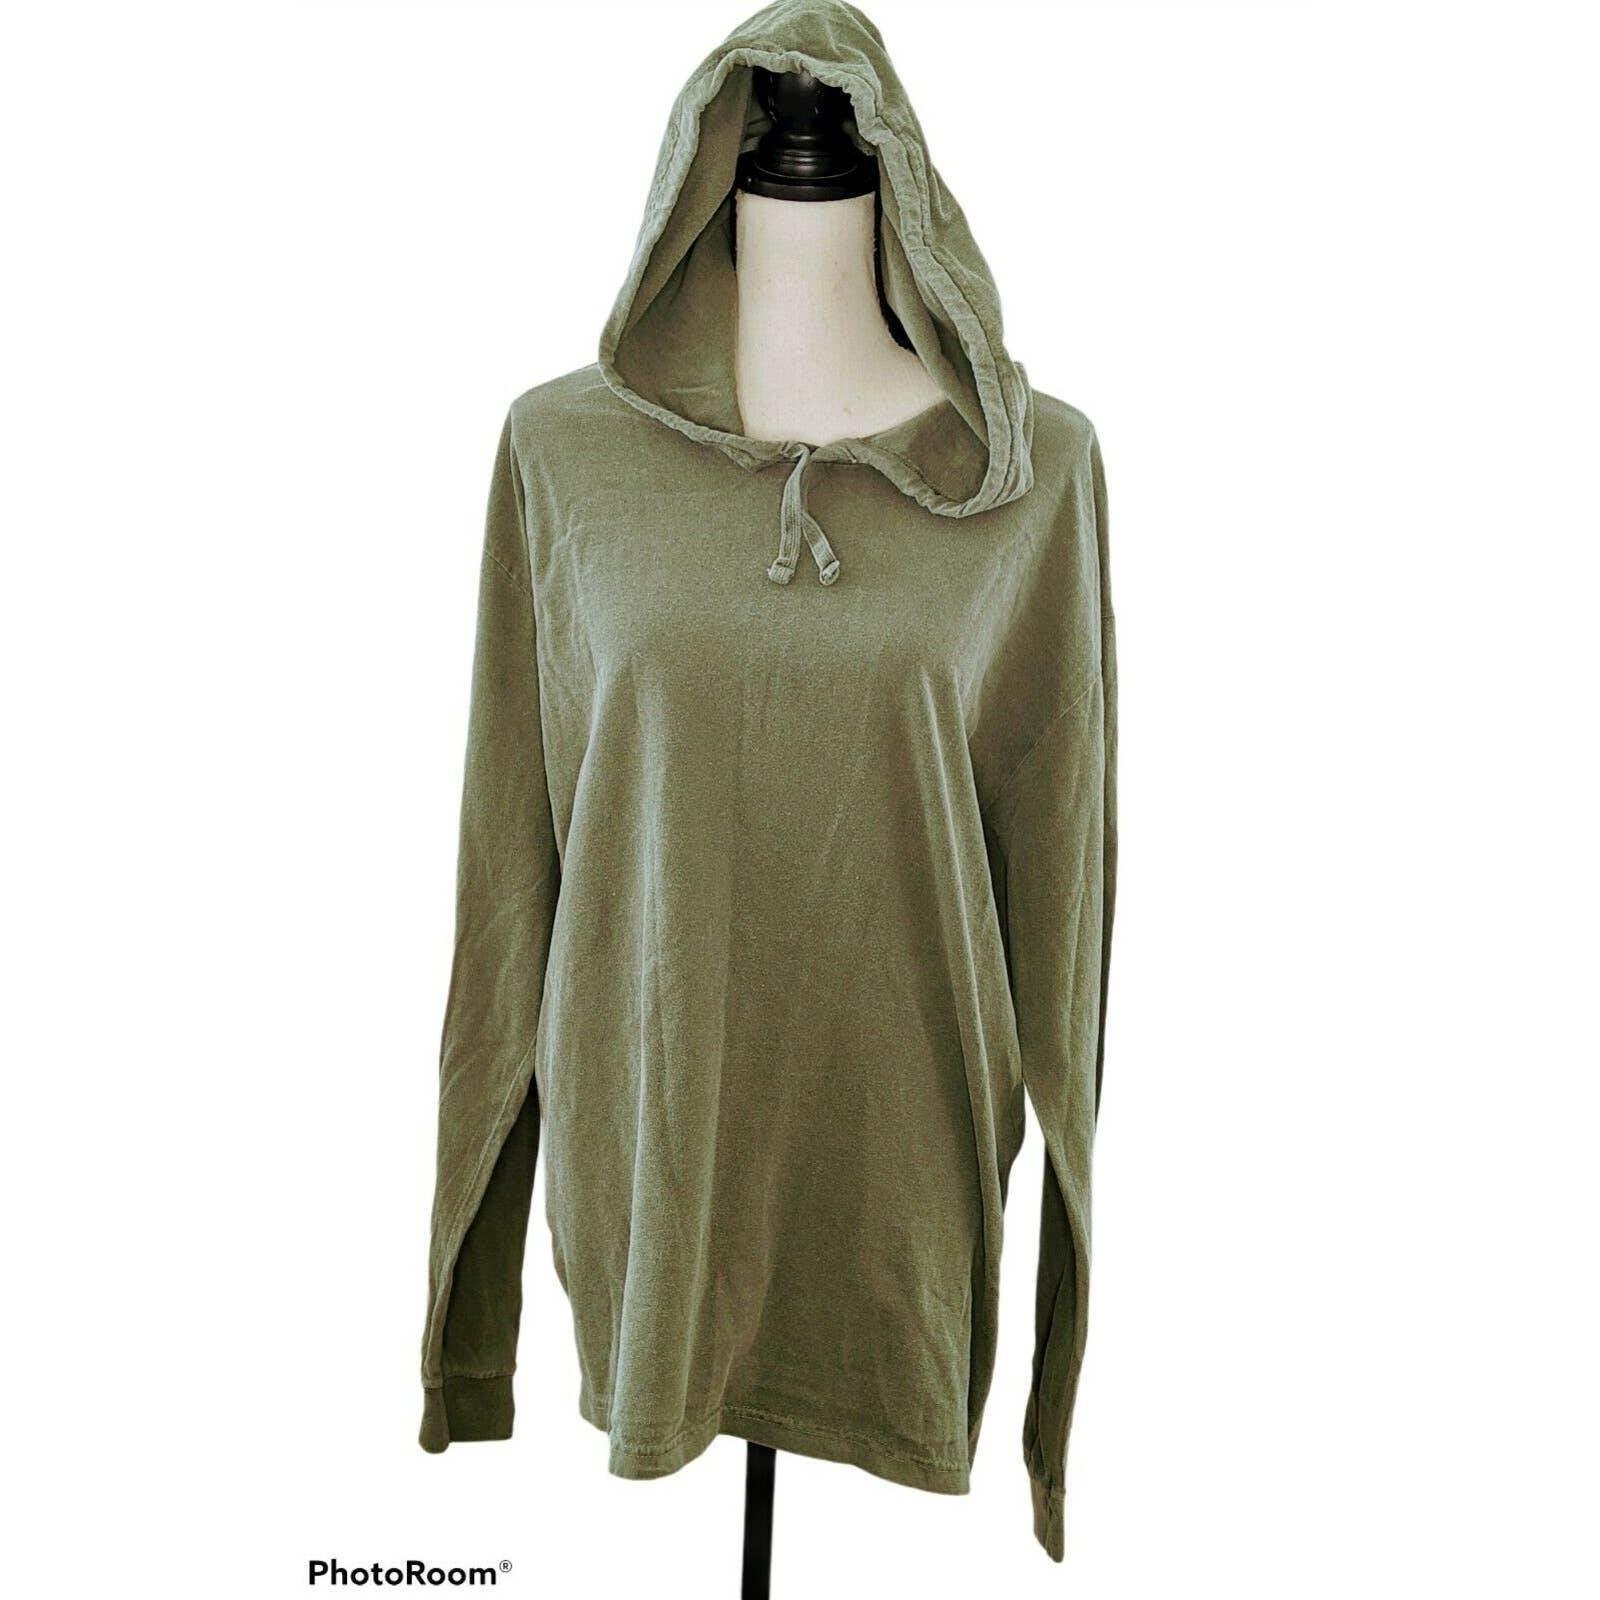 American Apparel Hooded Sweatshirt M